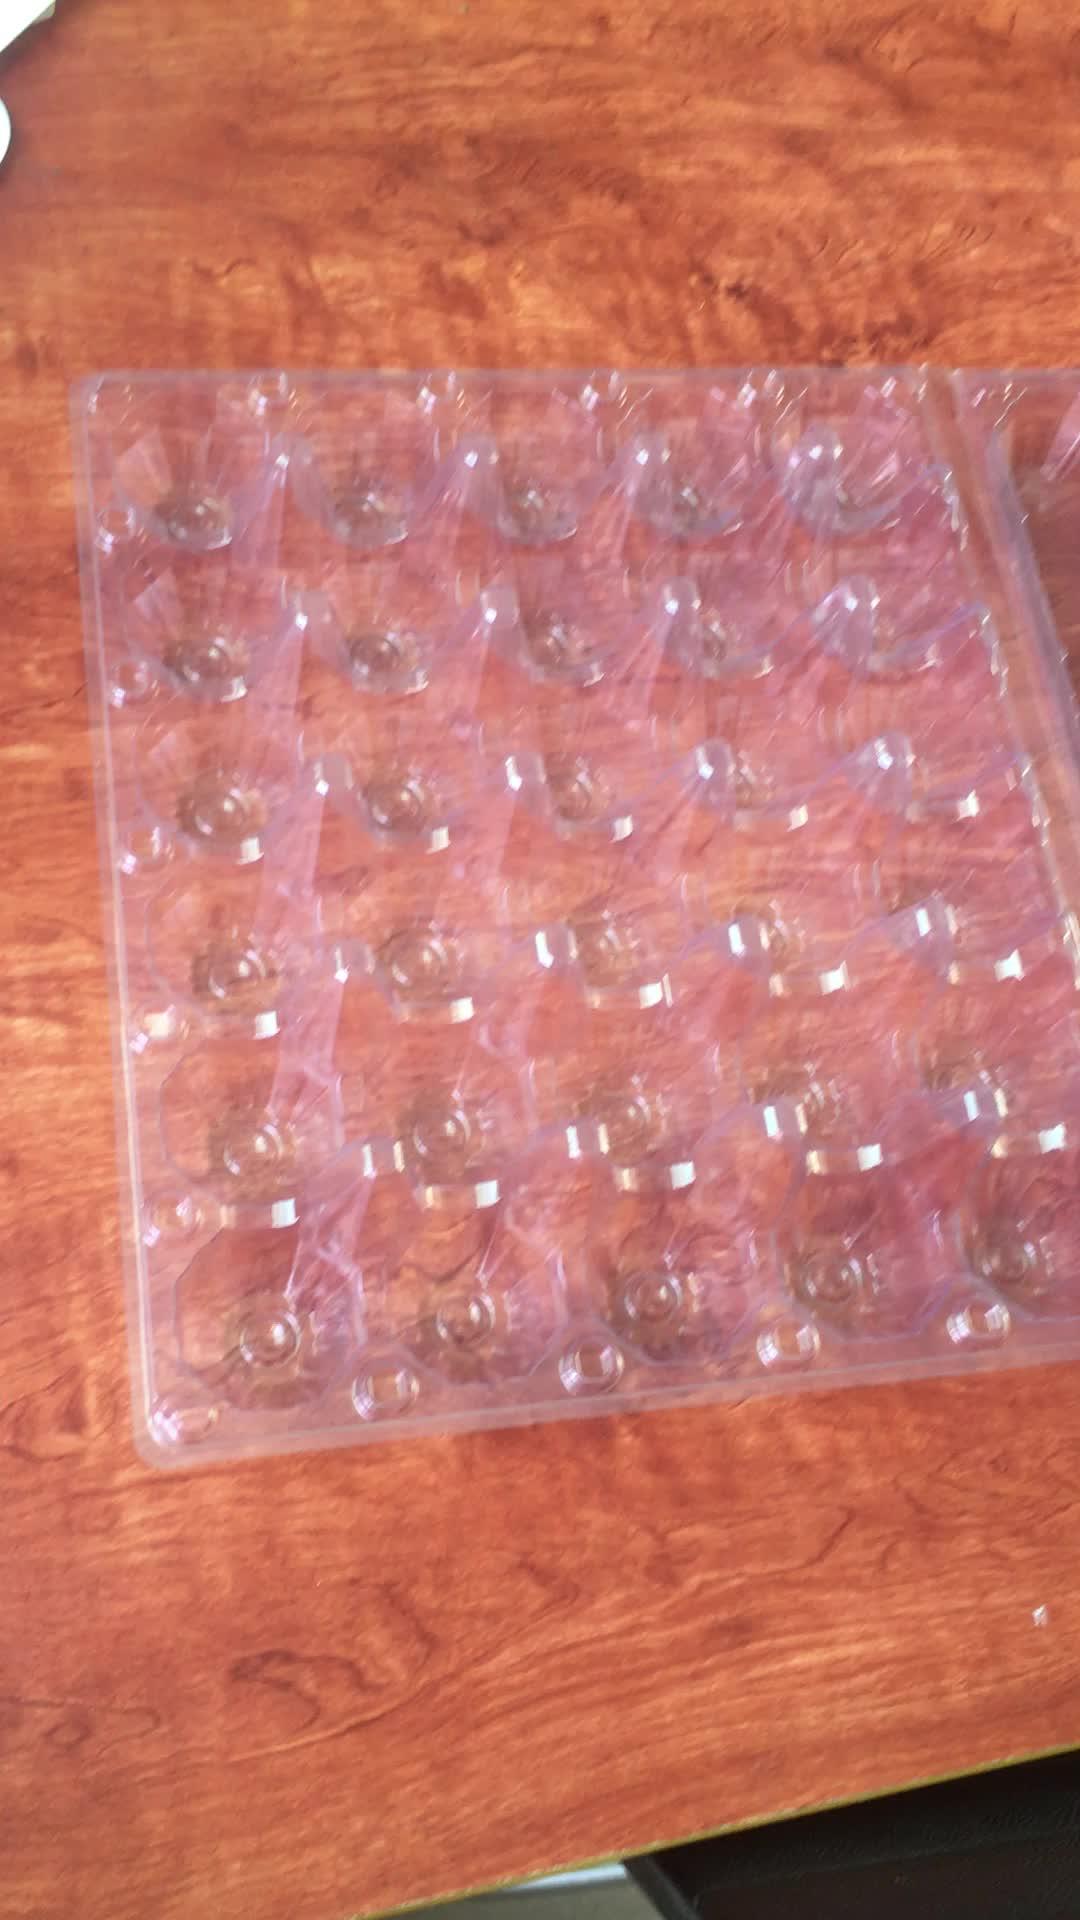 Alta qualidade de 4, 8, 9, 10, 12, 15, 30 pacotes de bandeja de ovos de plástico transparente descartável